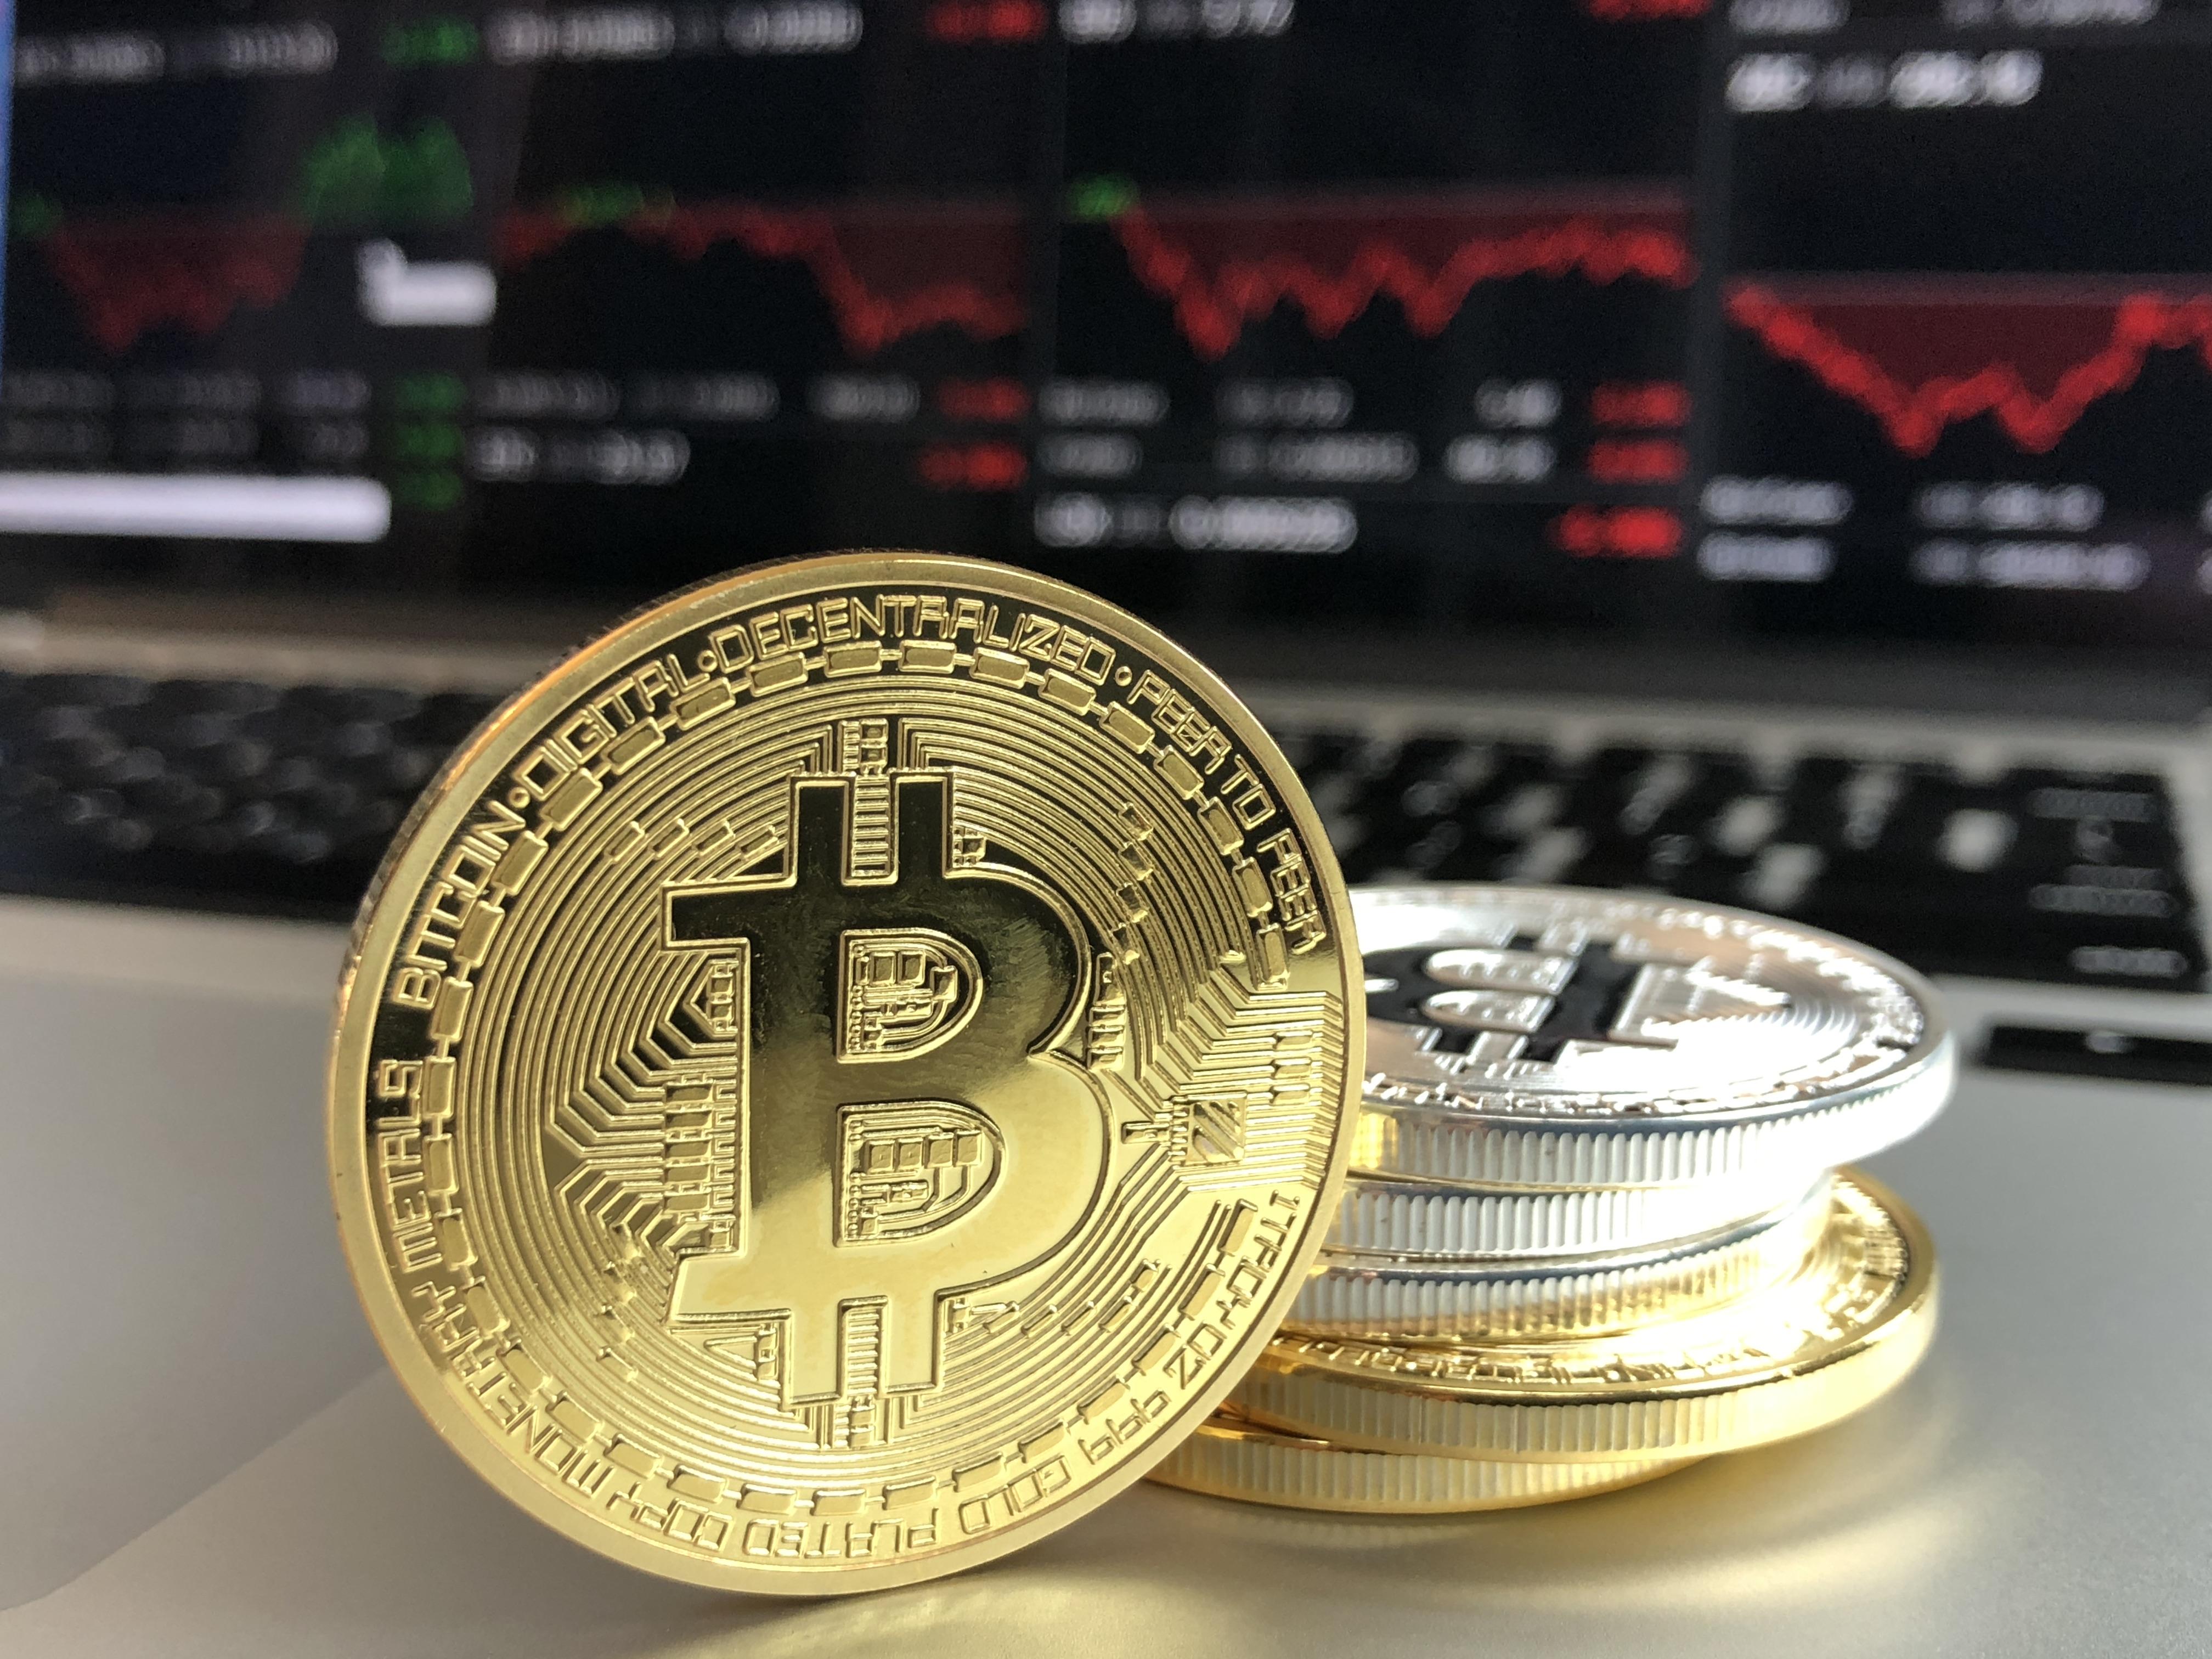 Det har blitt populært å lure til seg bitcoin på nettet fra intetanende surfere og app-brukere.